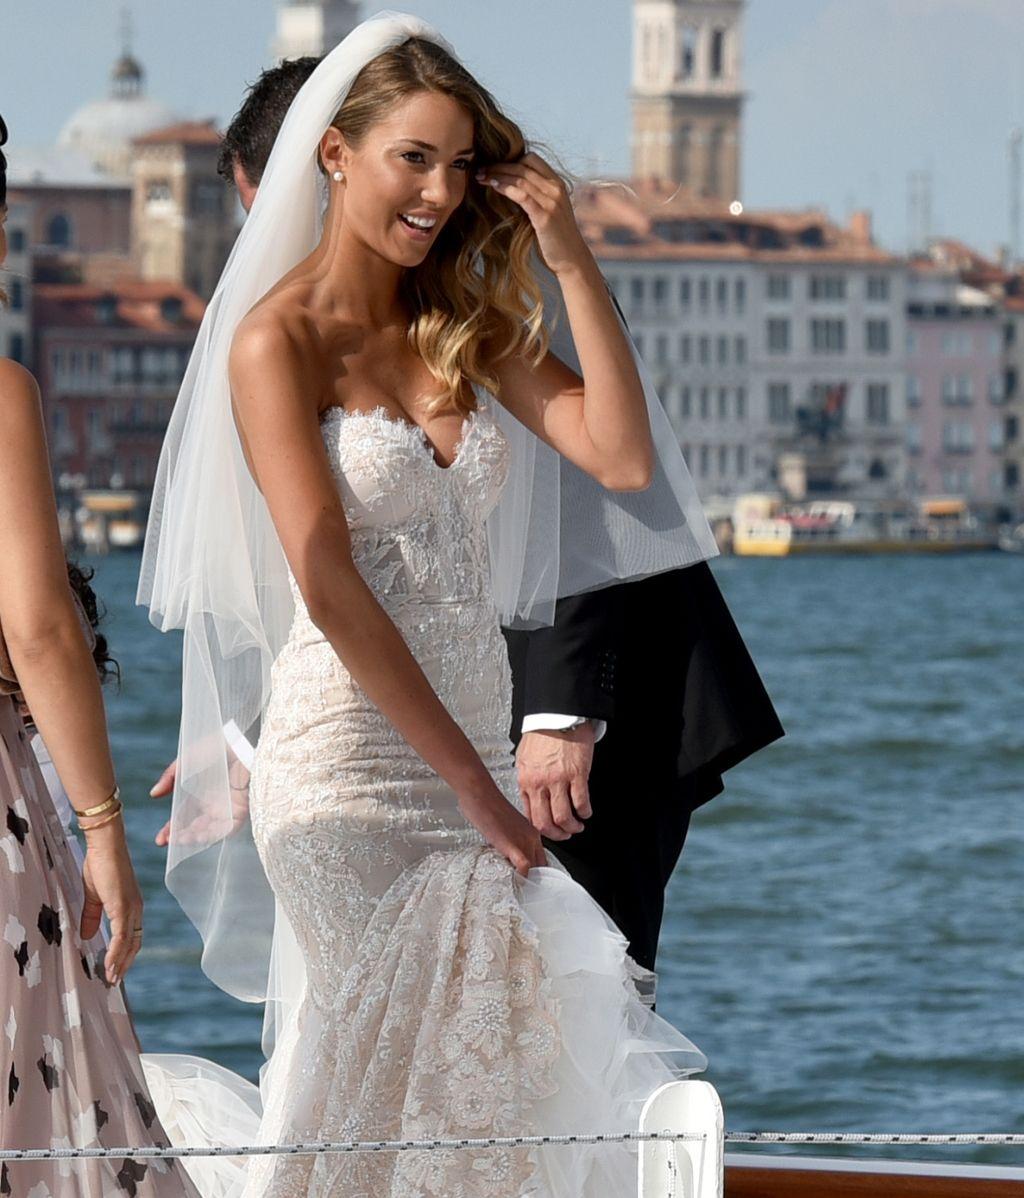 Las imágenes de la boda más romántica de Álvaro Morata y Alice Campello en Venecia